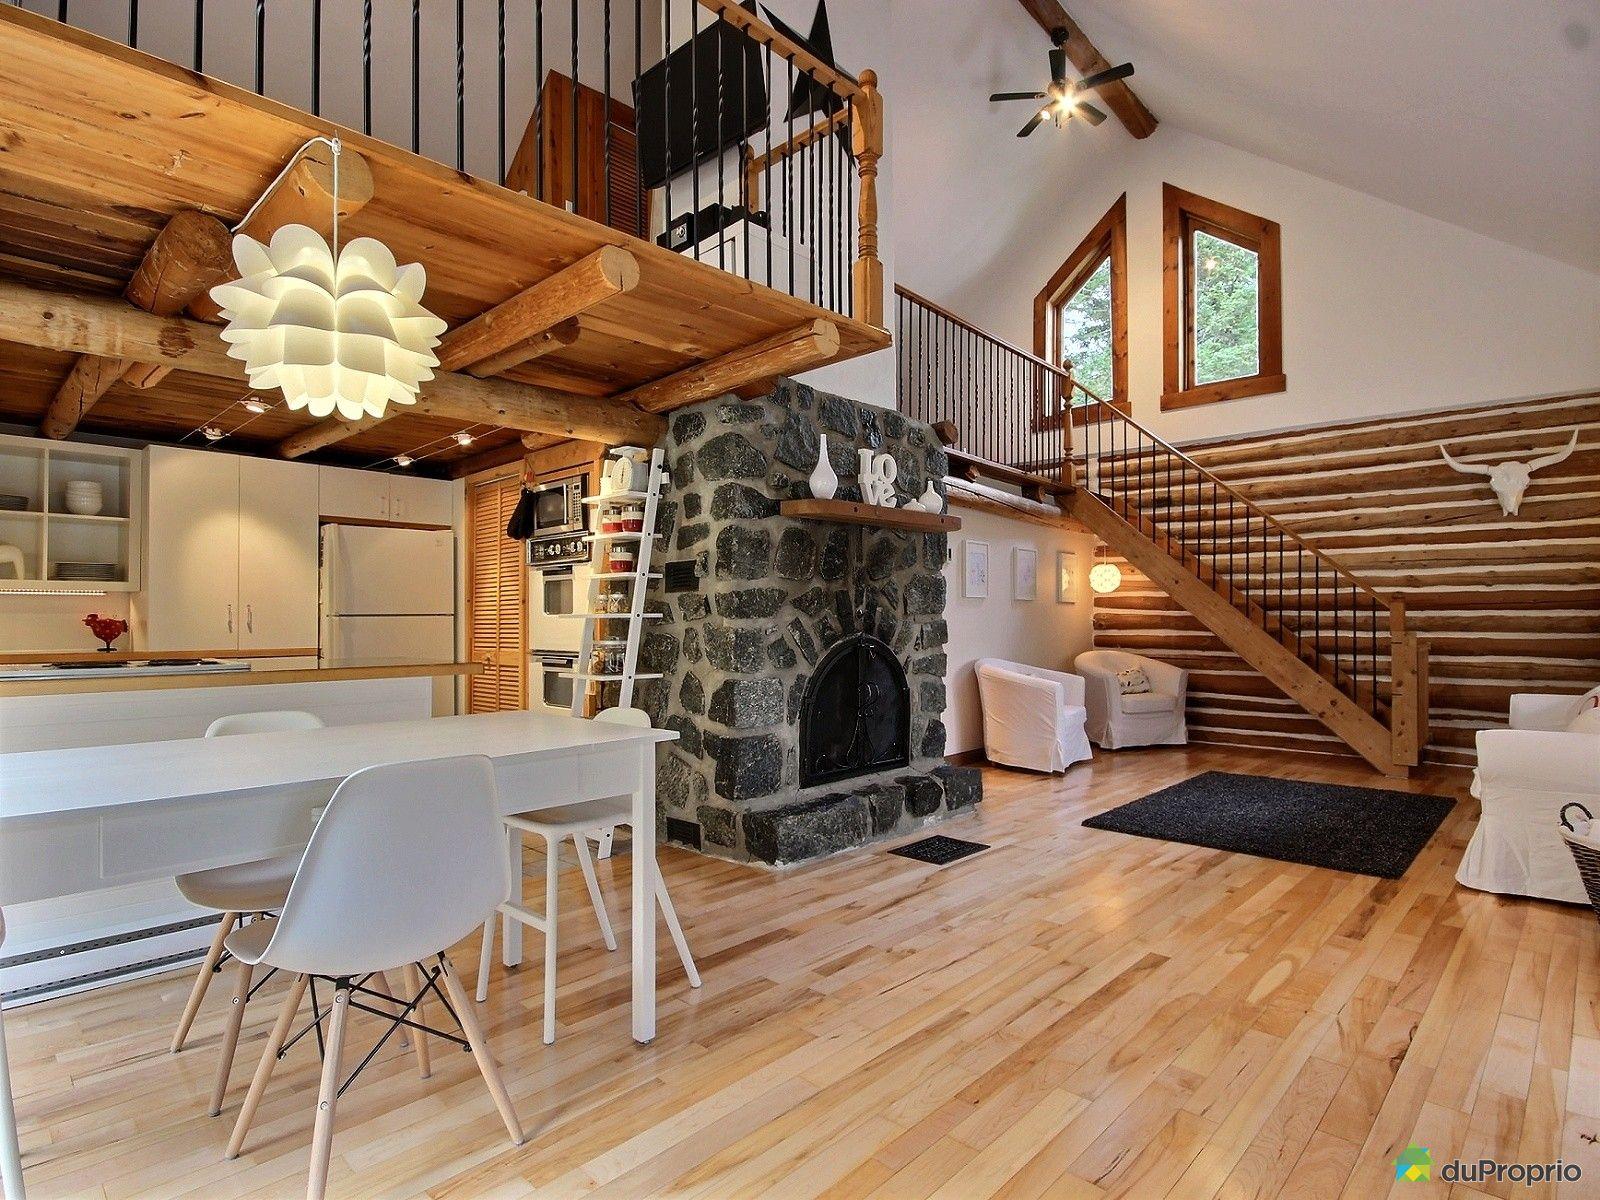 cuisine americaine en pierre me gobelins loft en duplex avec - Salle A Manger Americaine